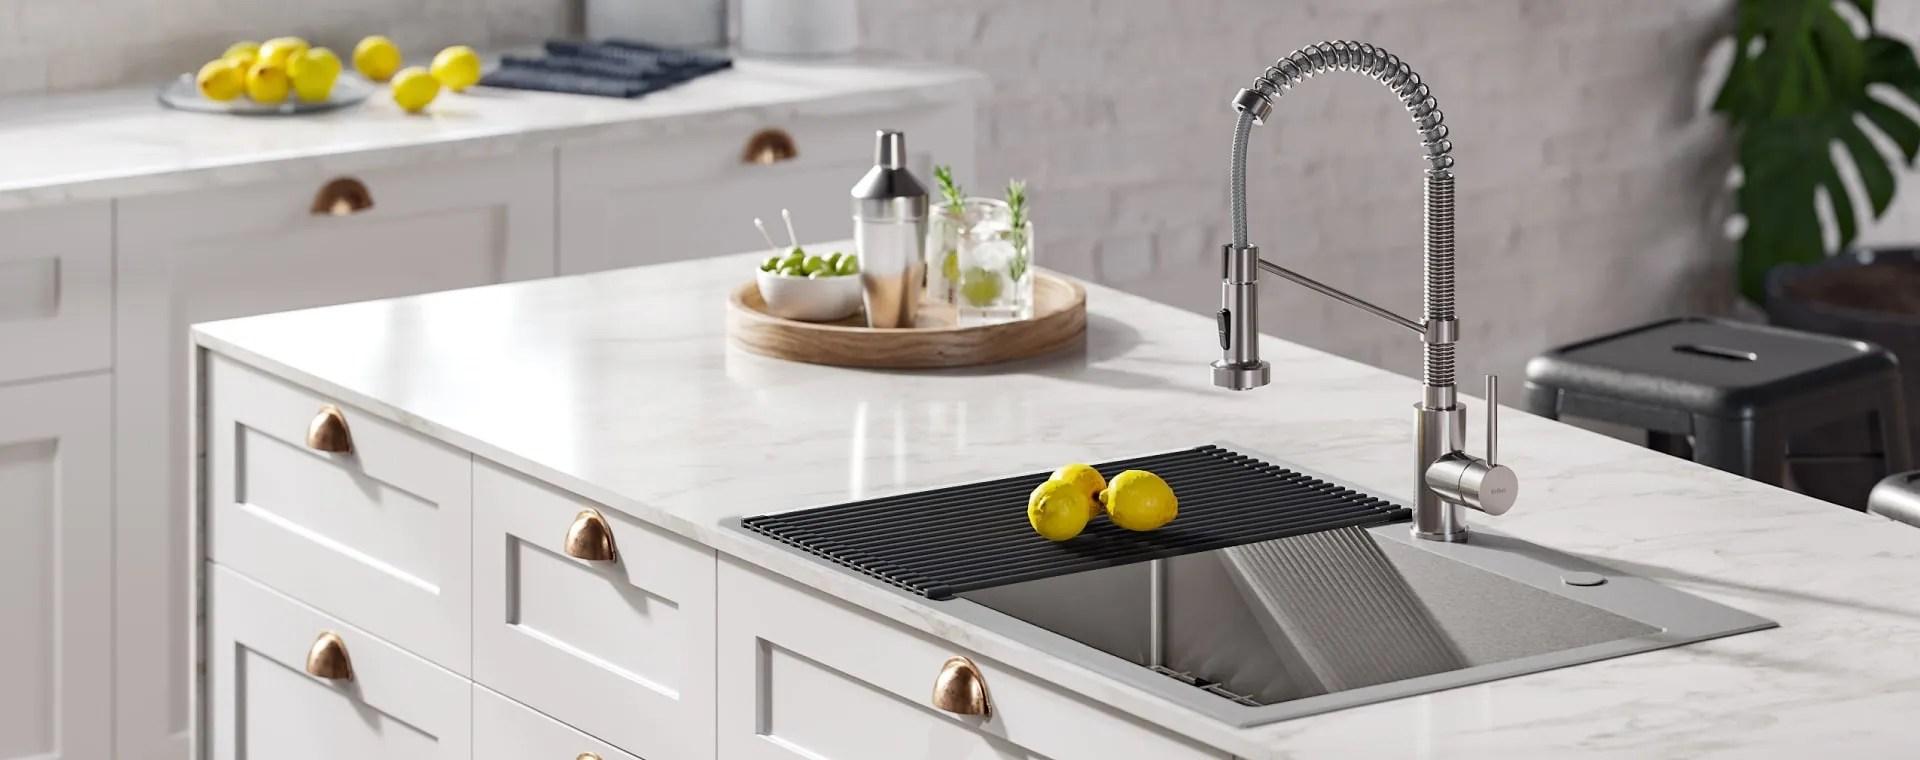 kraus kitchen all in one sink